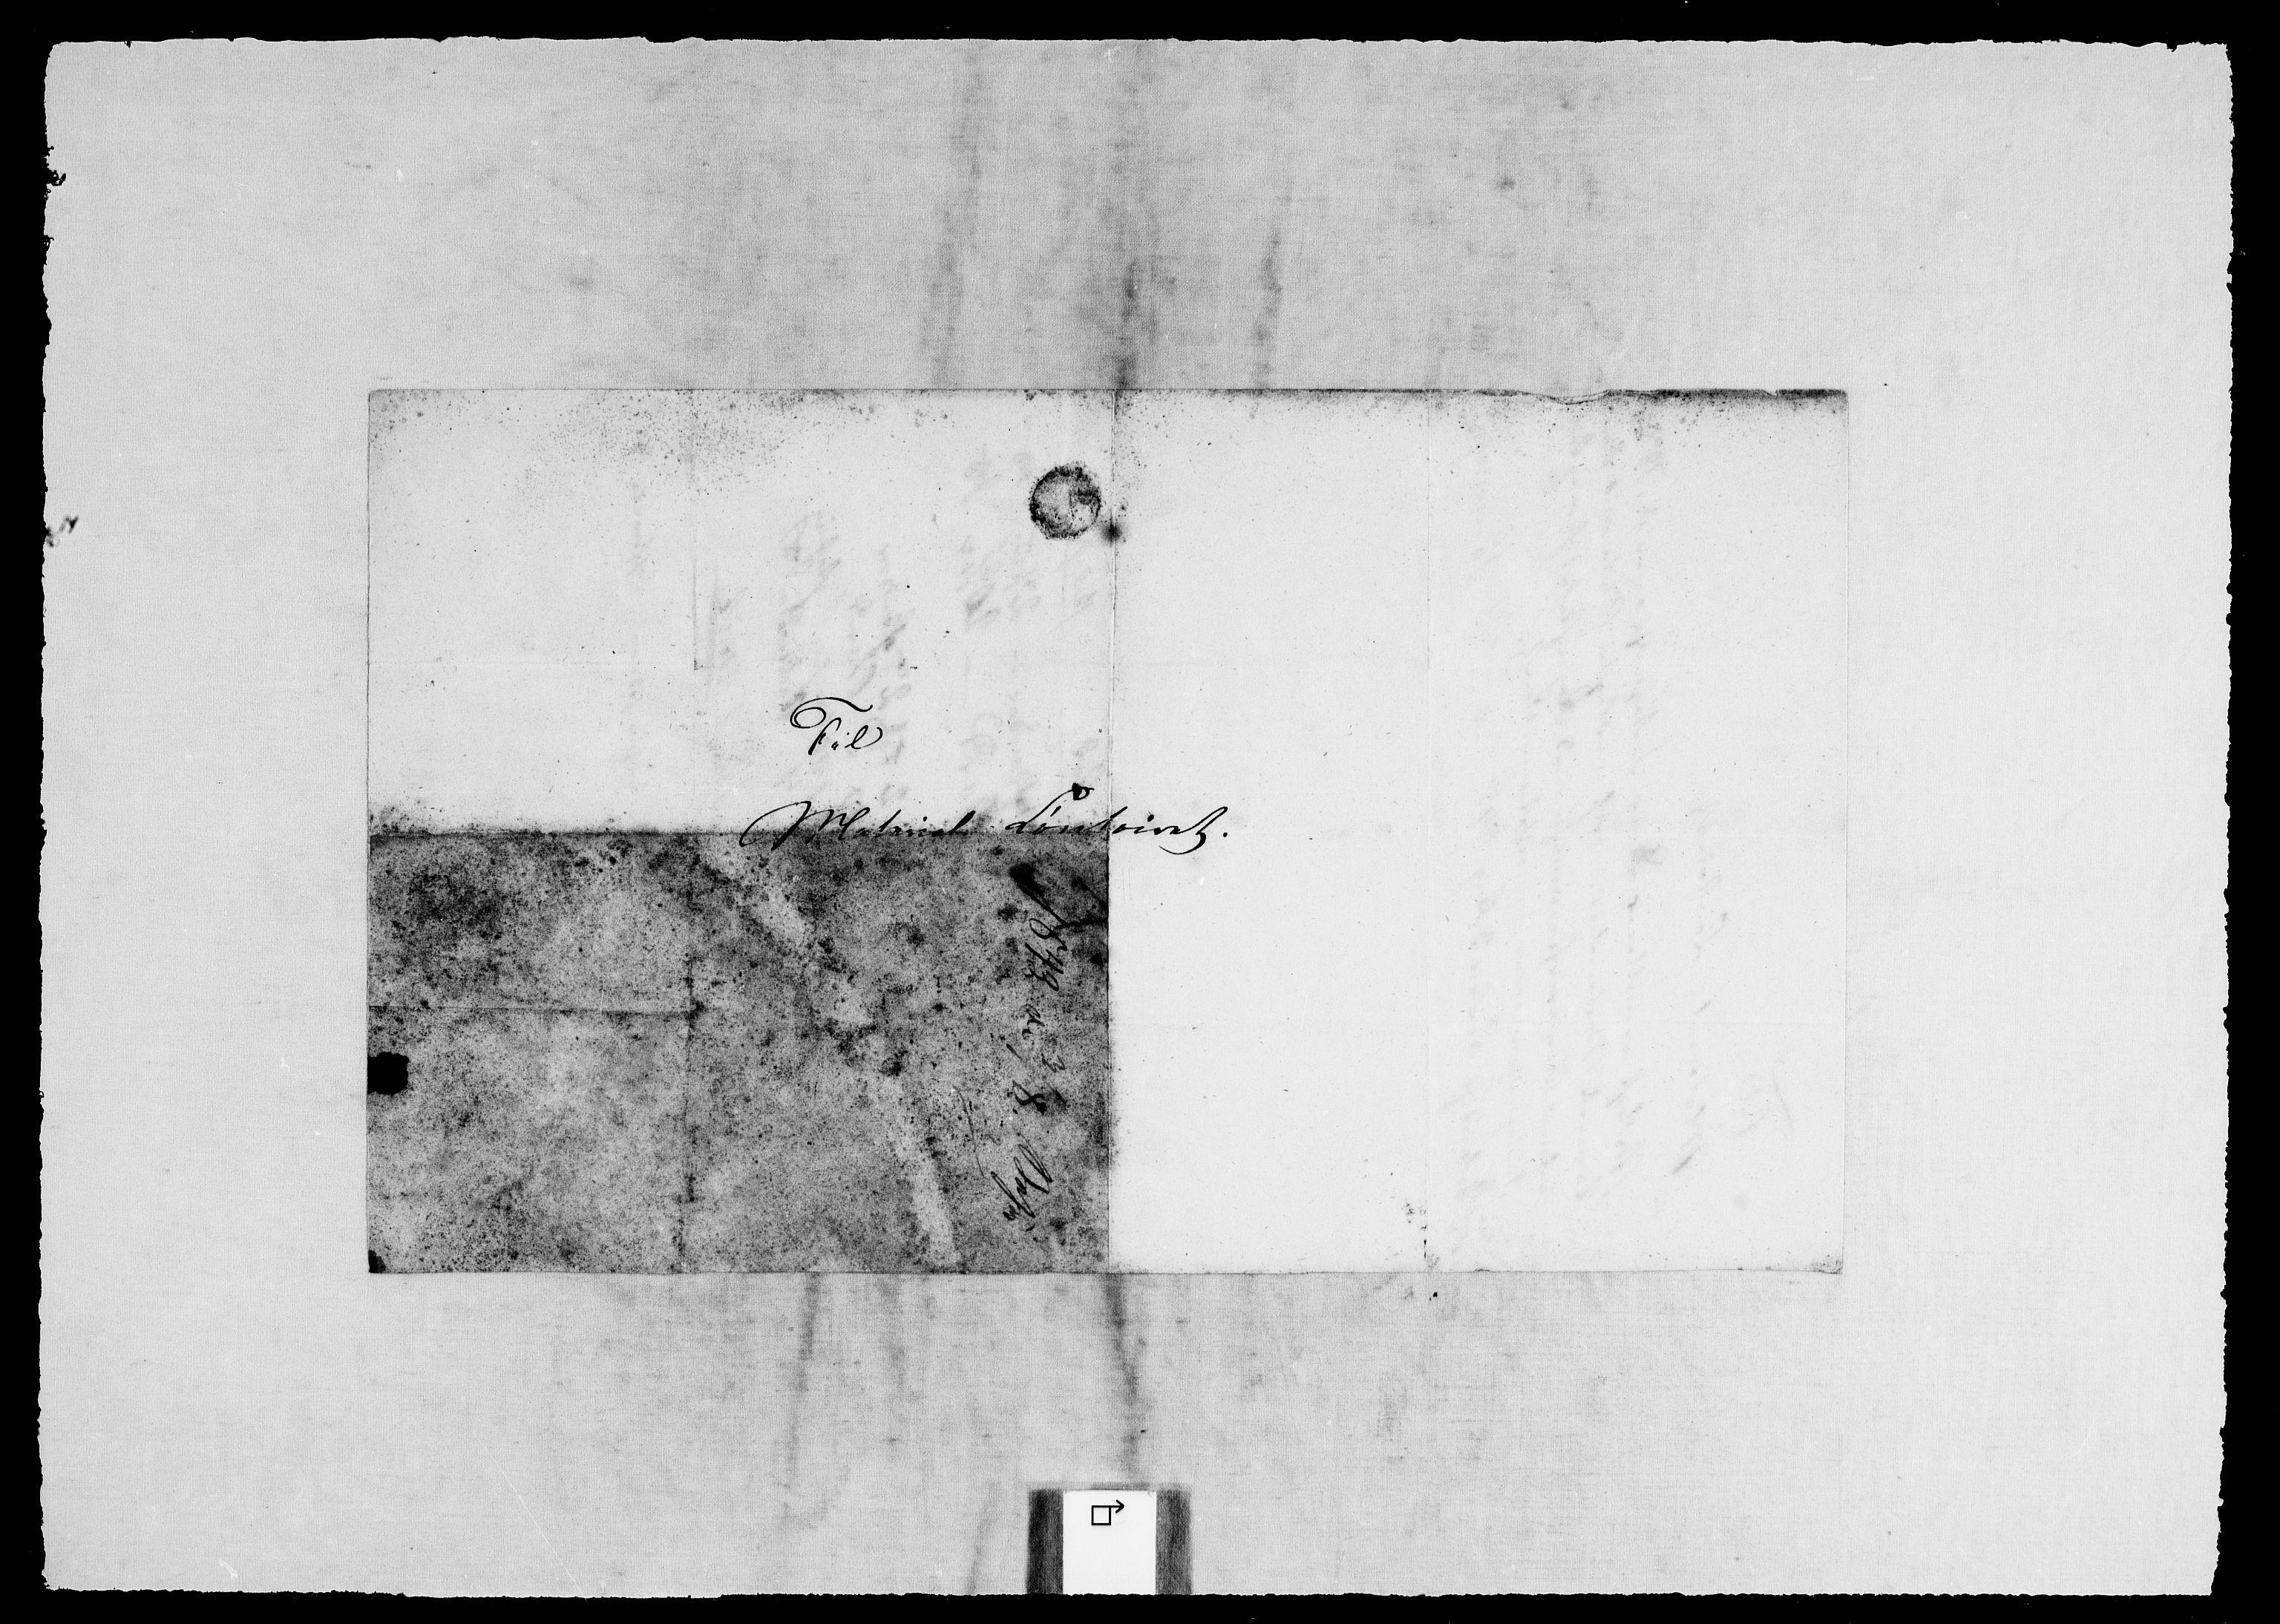 RA, Modums Blaafarveværk, G/Gb/L0143, 1841-1845, s. 2